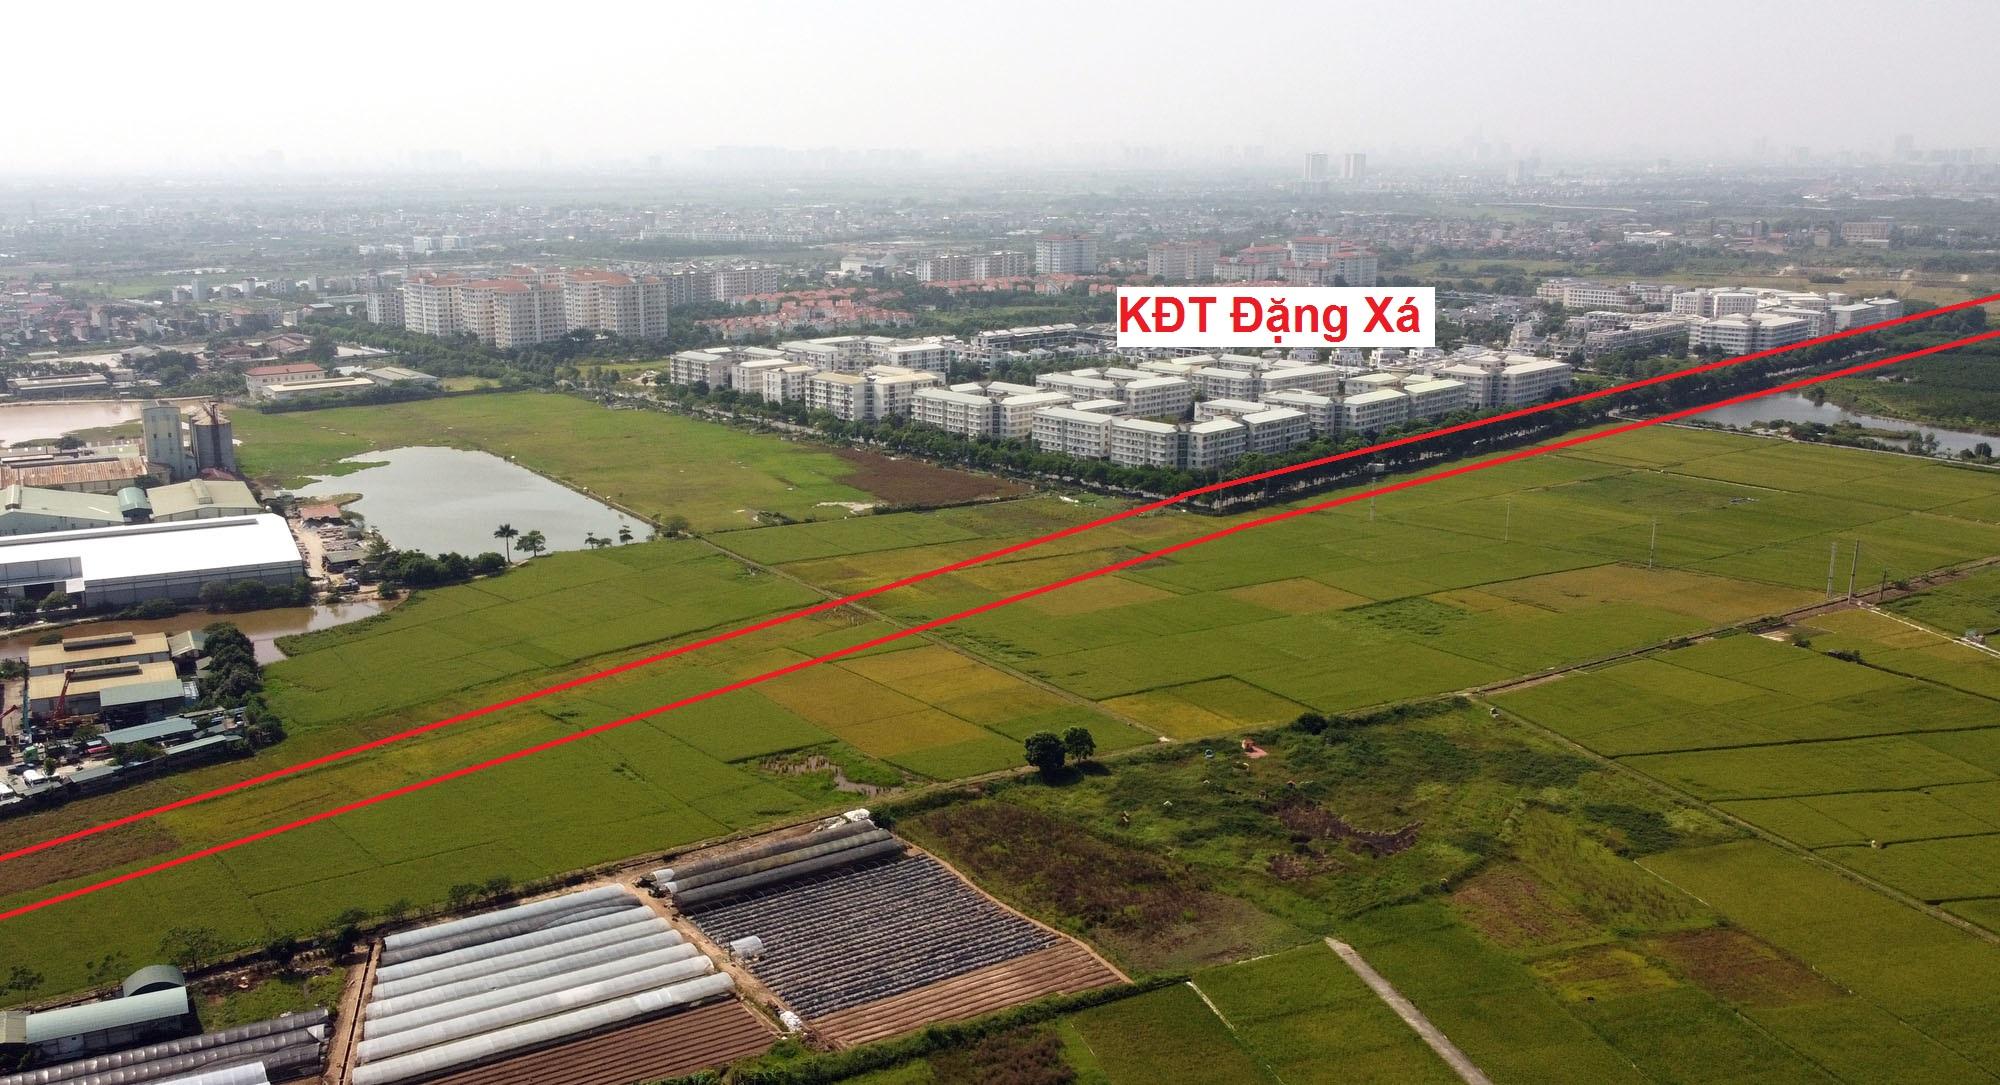 đường sẽ mở theo qui hoạch ở xã Đặng Xá, Gia Lâm, Hà Nội - Ảnh 3.